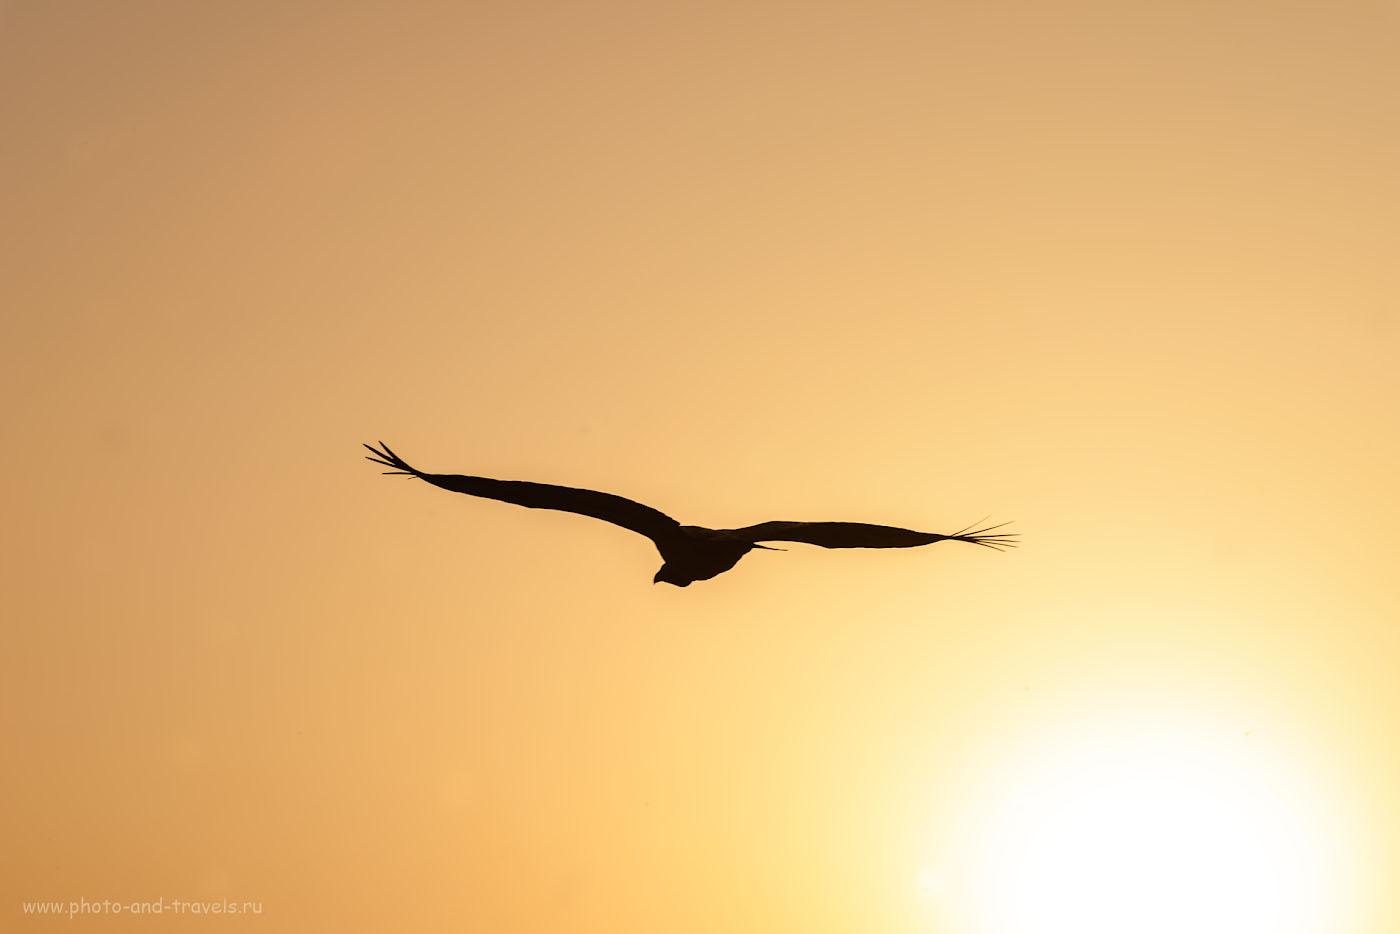 Снимок 21. Гриф в утреннем небе Орчхи. Чудесная экскурсия в Центральной Индии. 1/320, 0.33, 13.0, 140, 135.